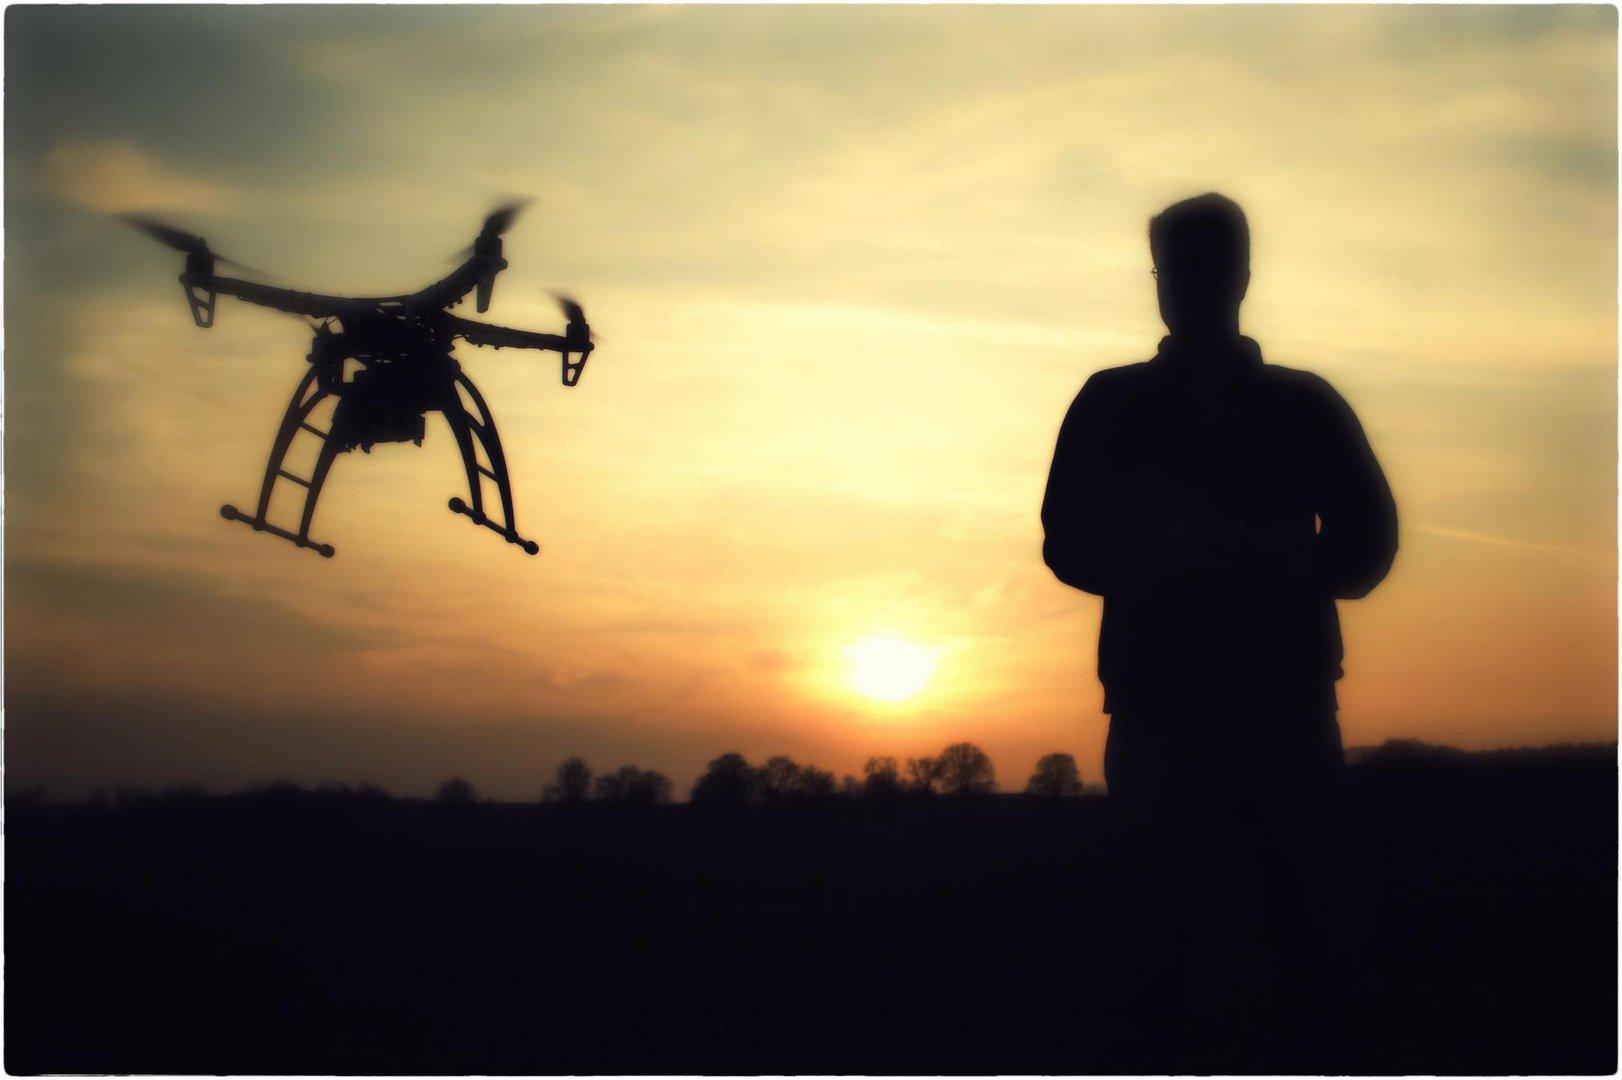 Mein Quadrocopter & ich.